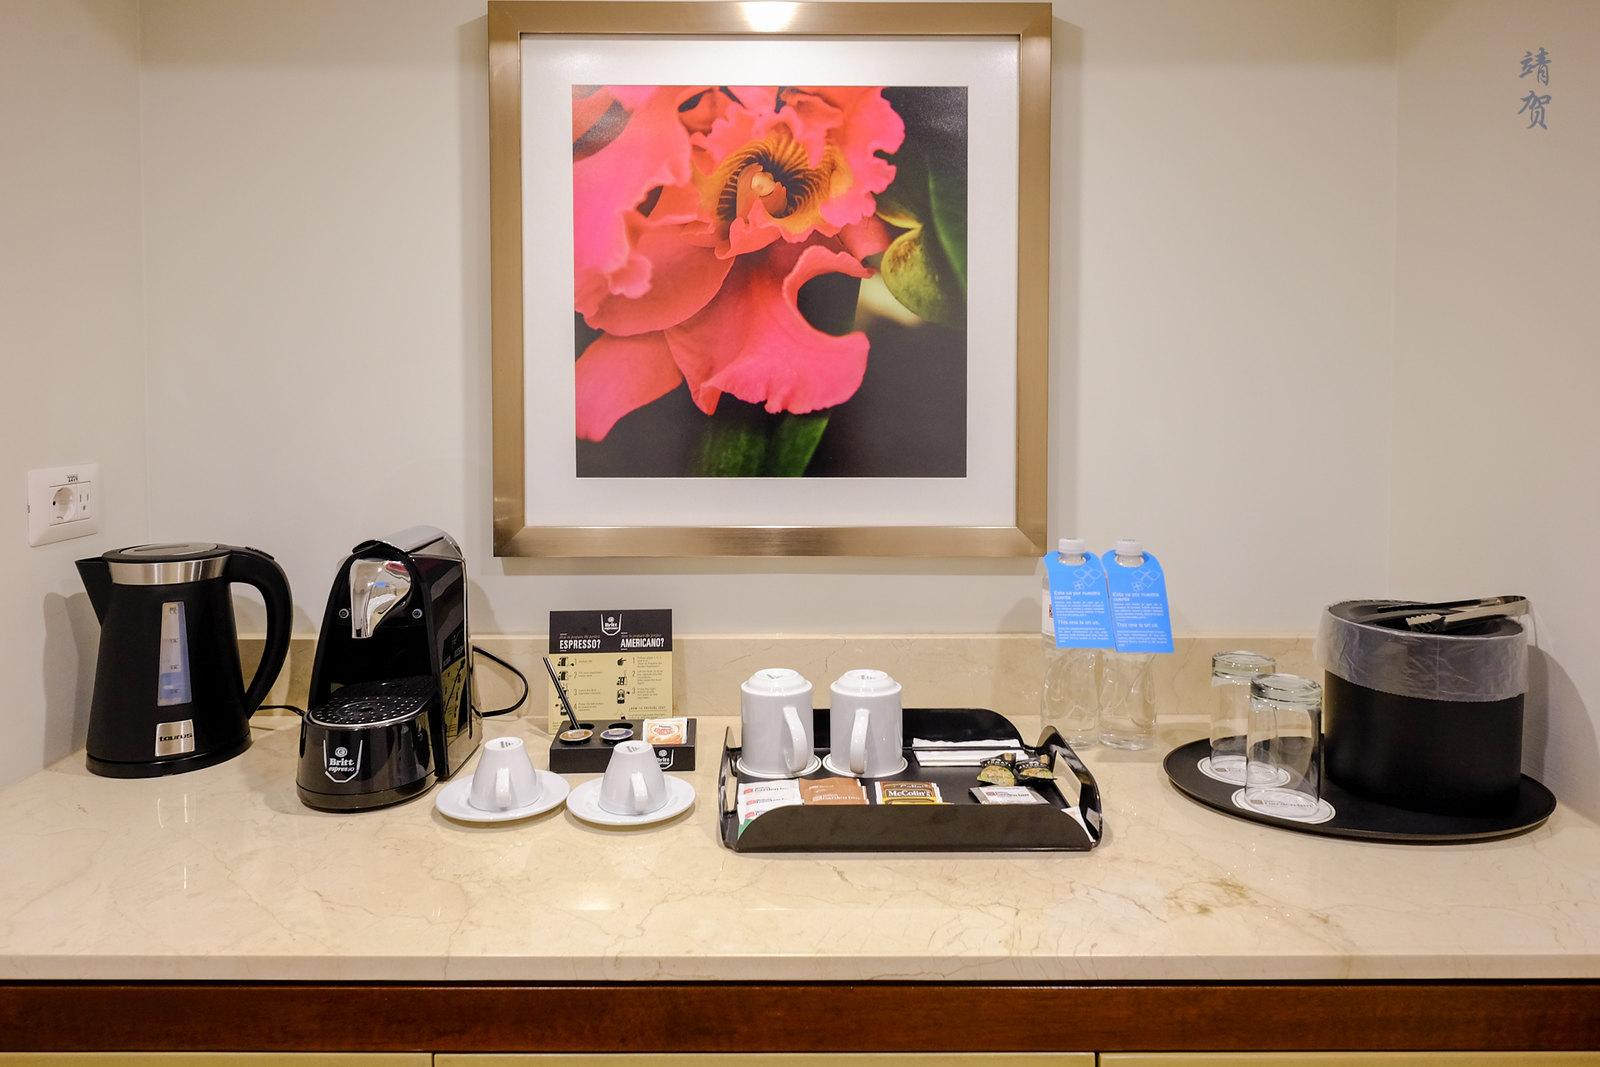 Console with espresso machine